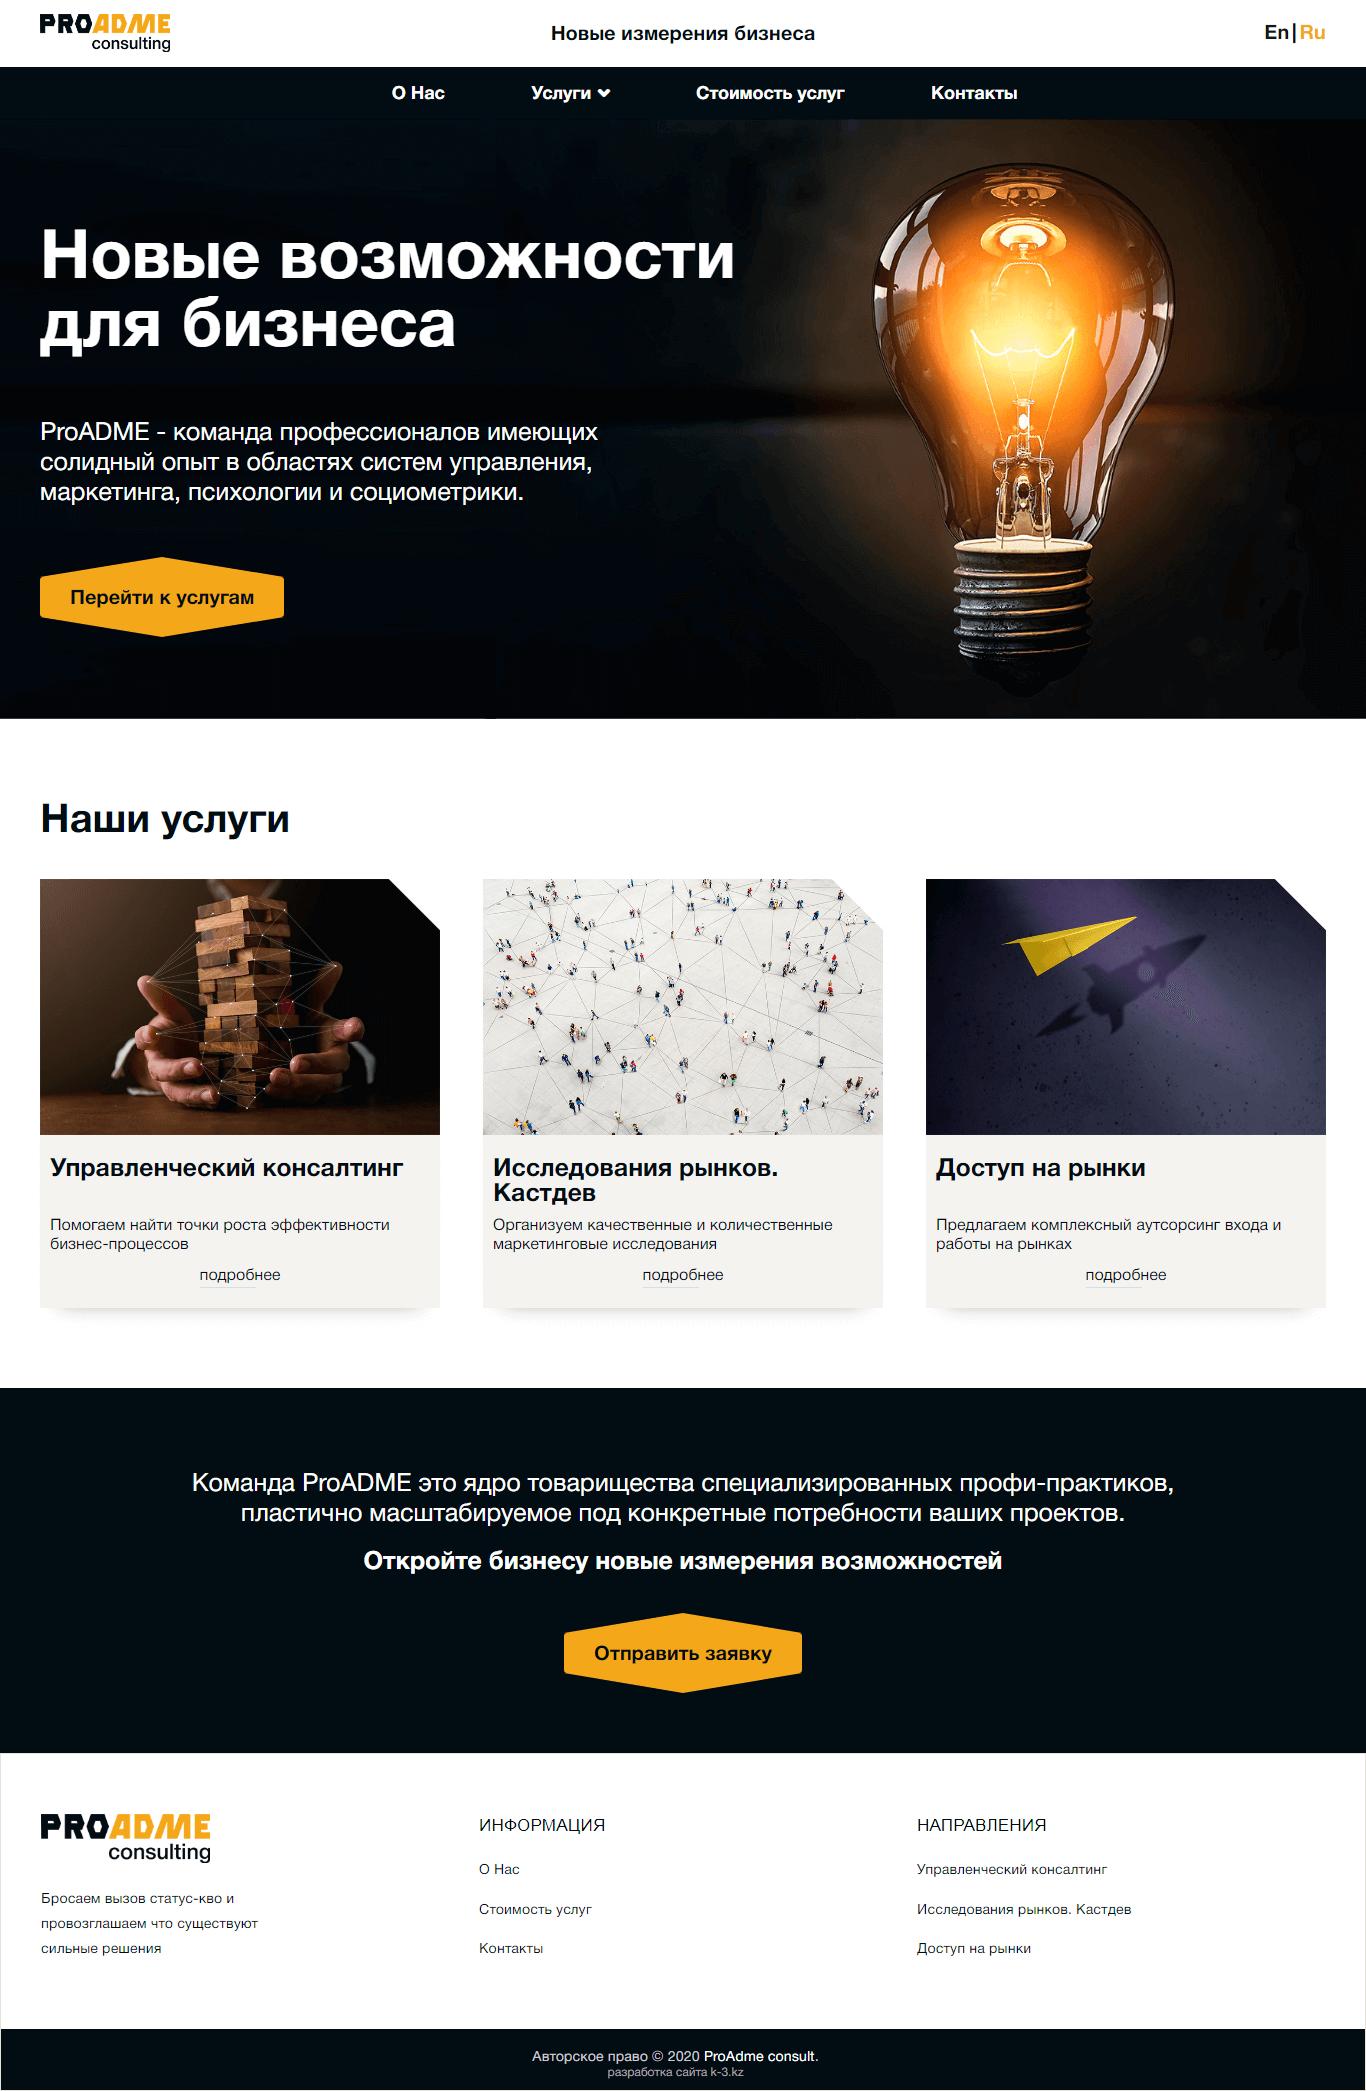 Разработан сайт для консалтинговой компании